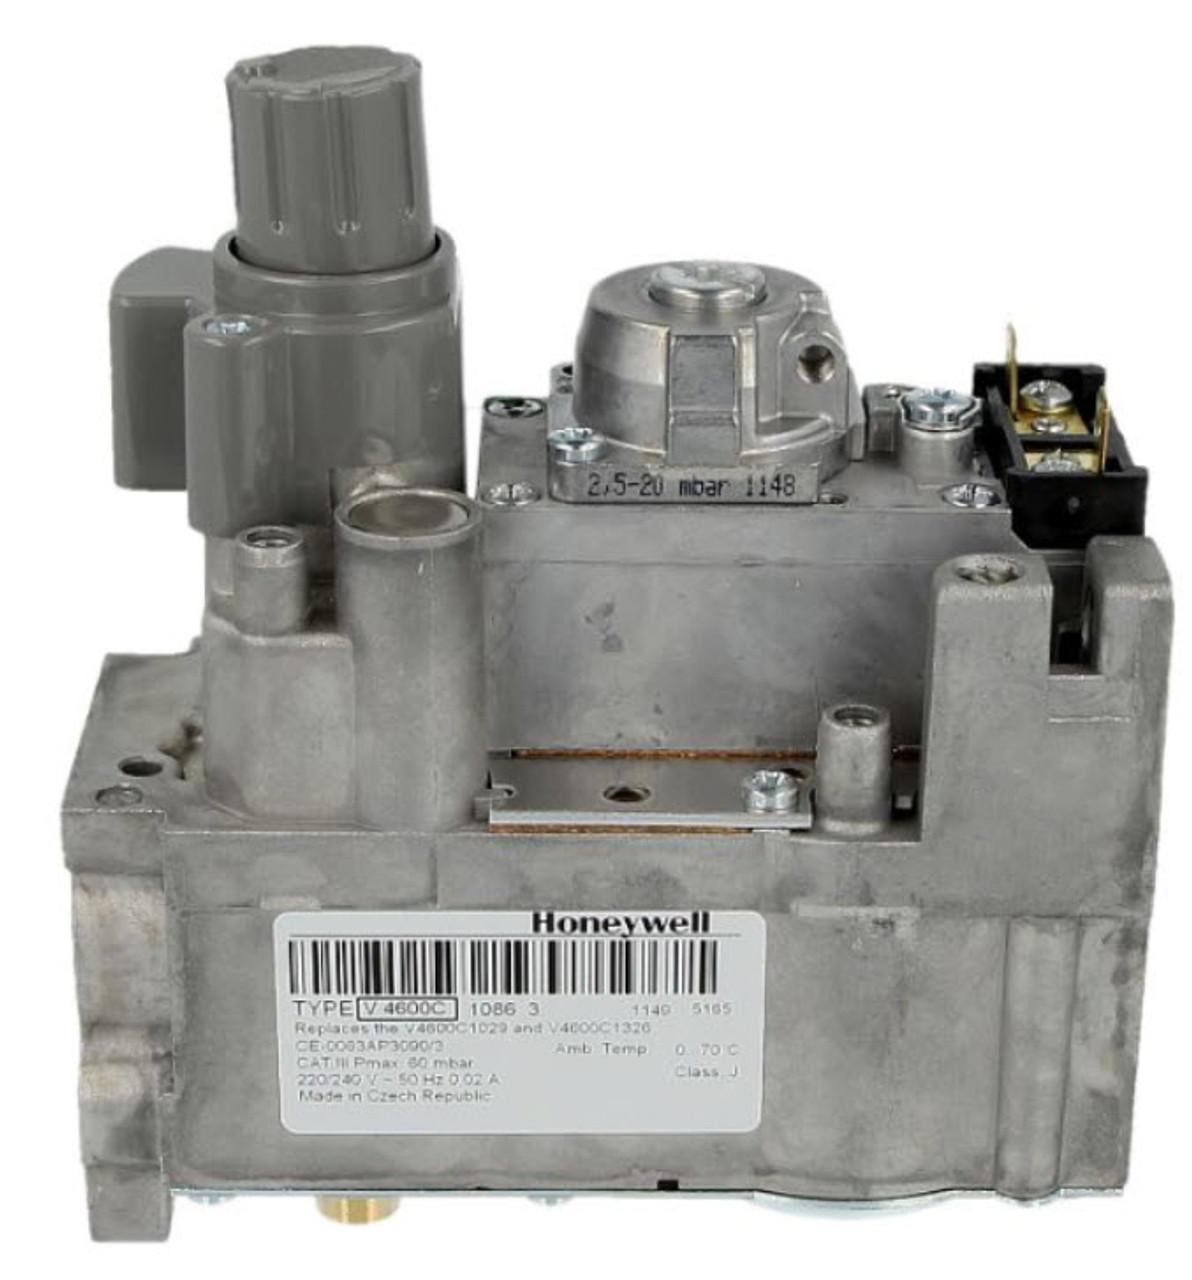 Honeywell V4600C1086U Gas control block